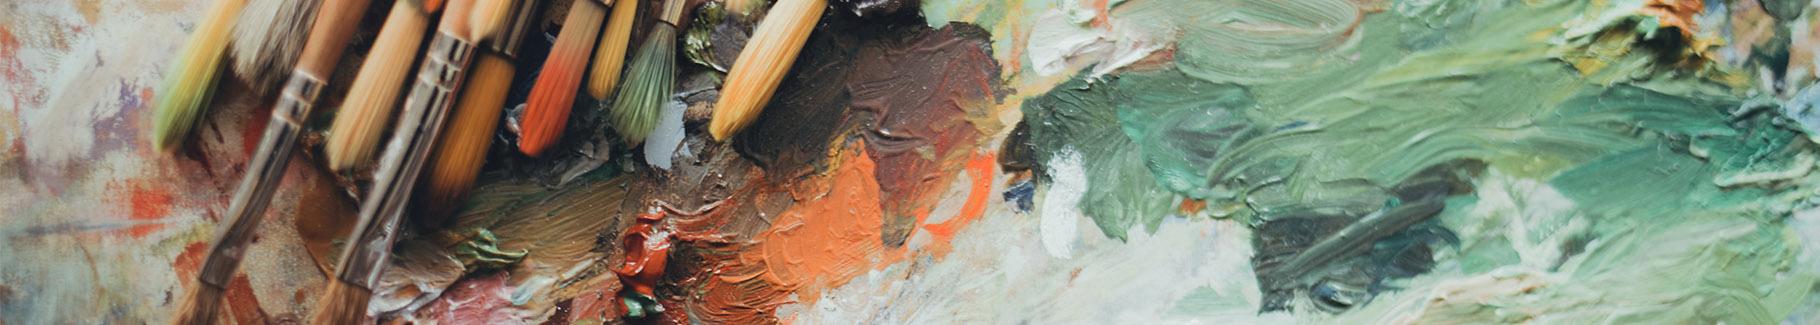 Kolorowy obraz z pędzlami artysty